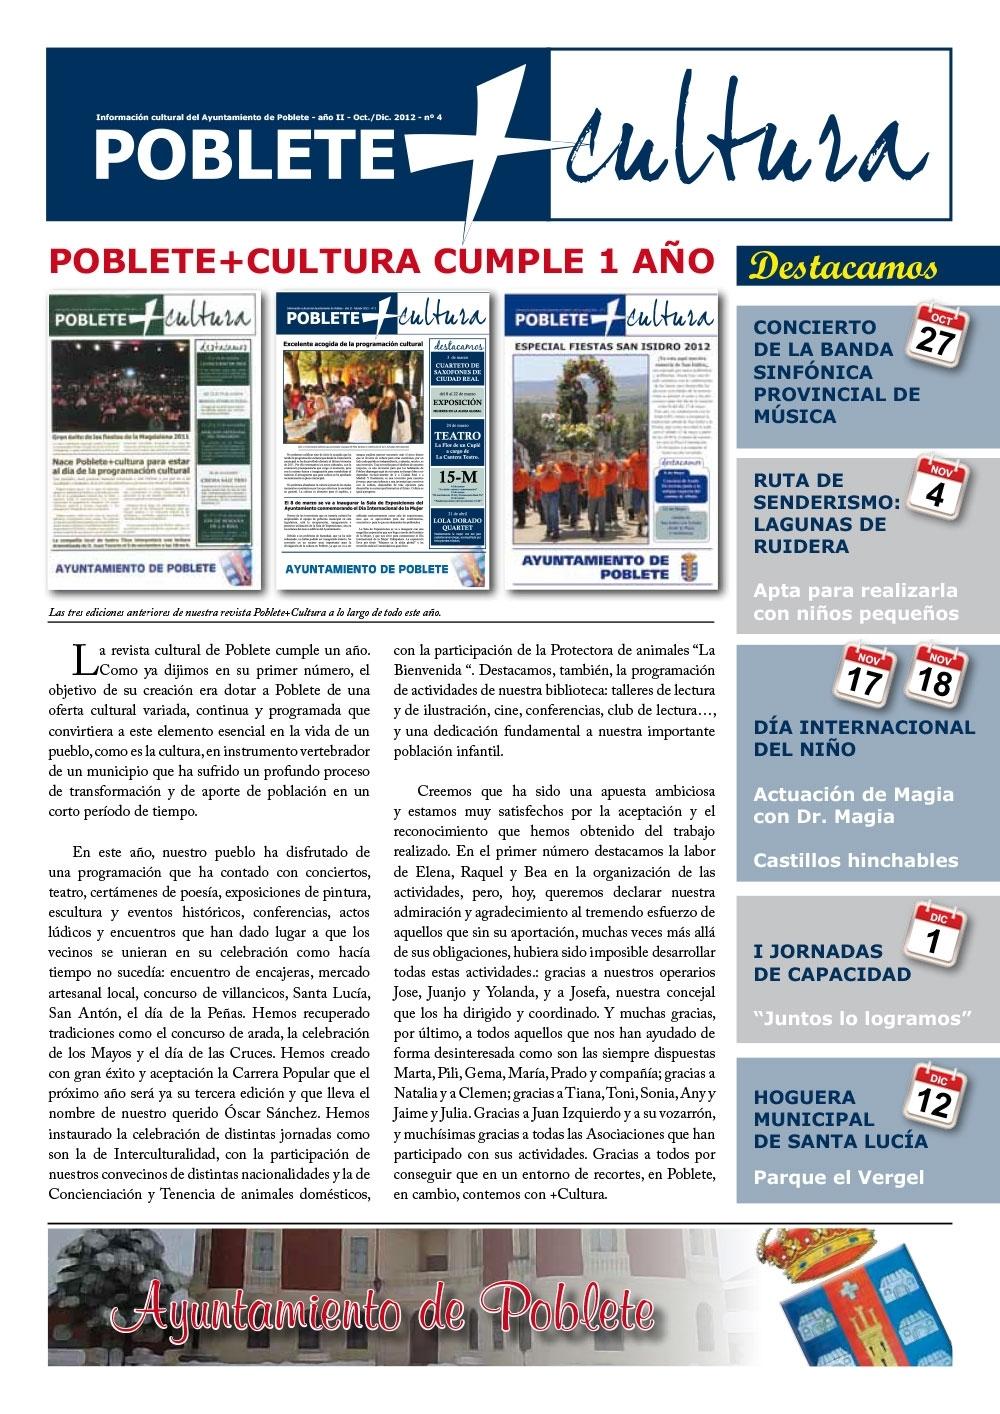 Portada de la revista Octubre 2012